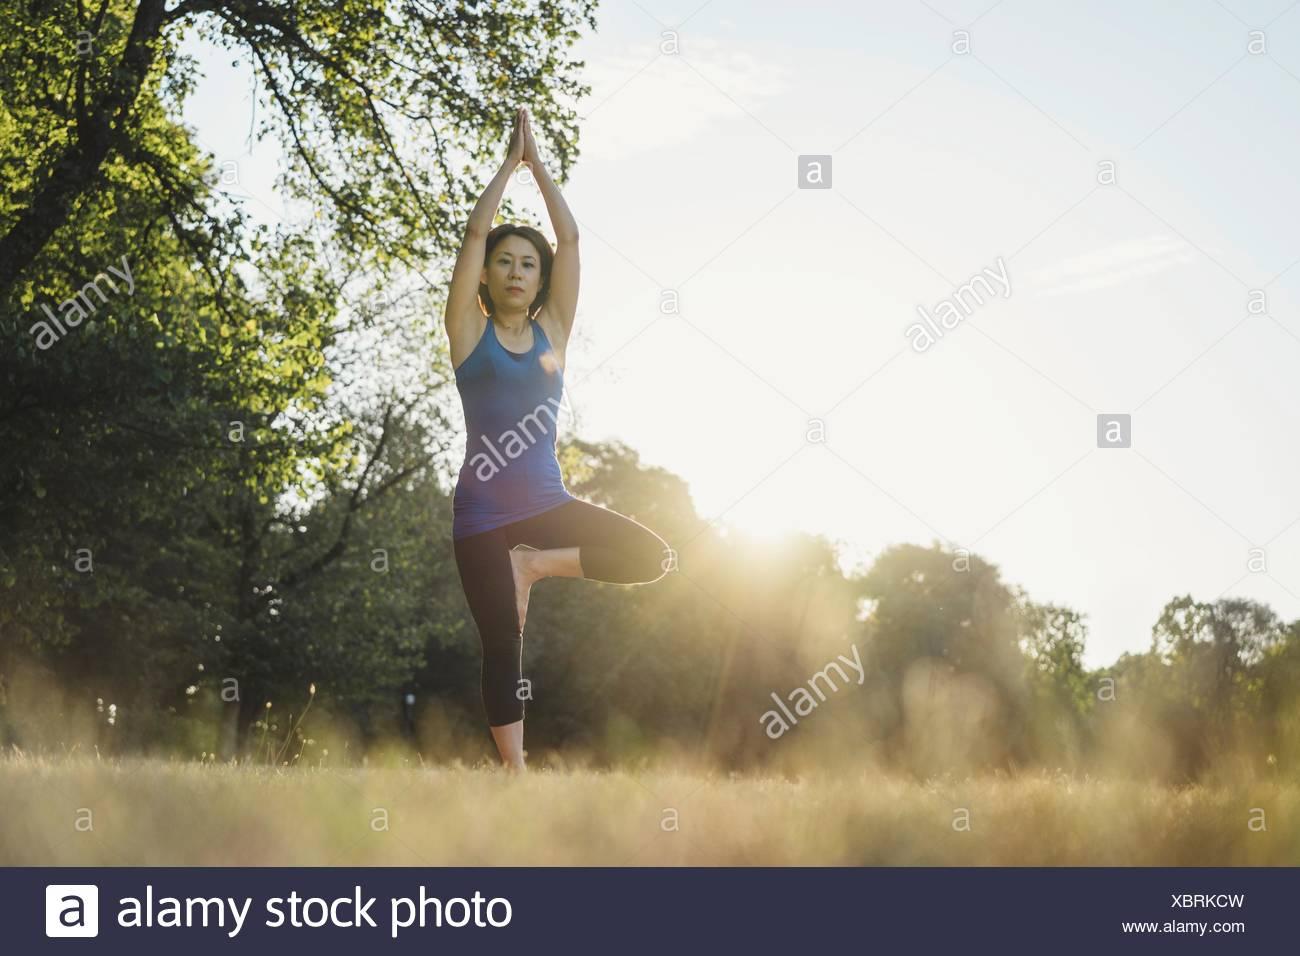 Mujer madura en parque, manteniendo el equilibrio sobre una pierna en posición de yoga, bajo ángulo de visión Imagen De Stock